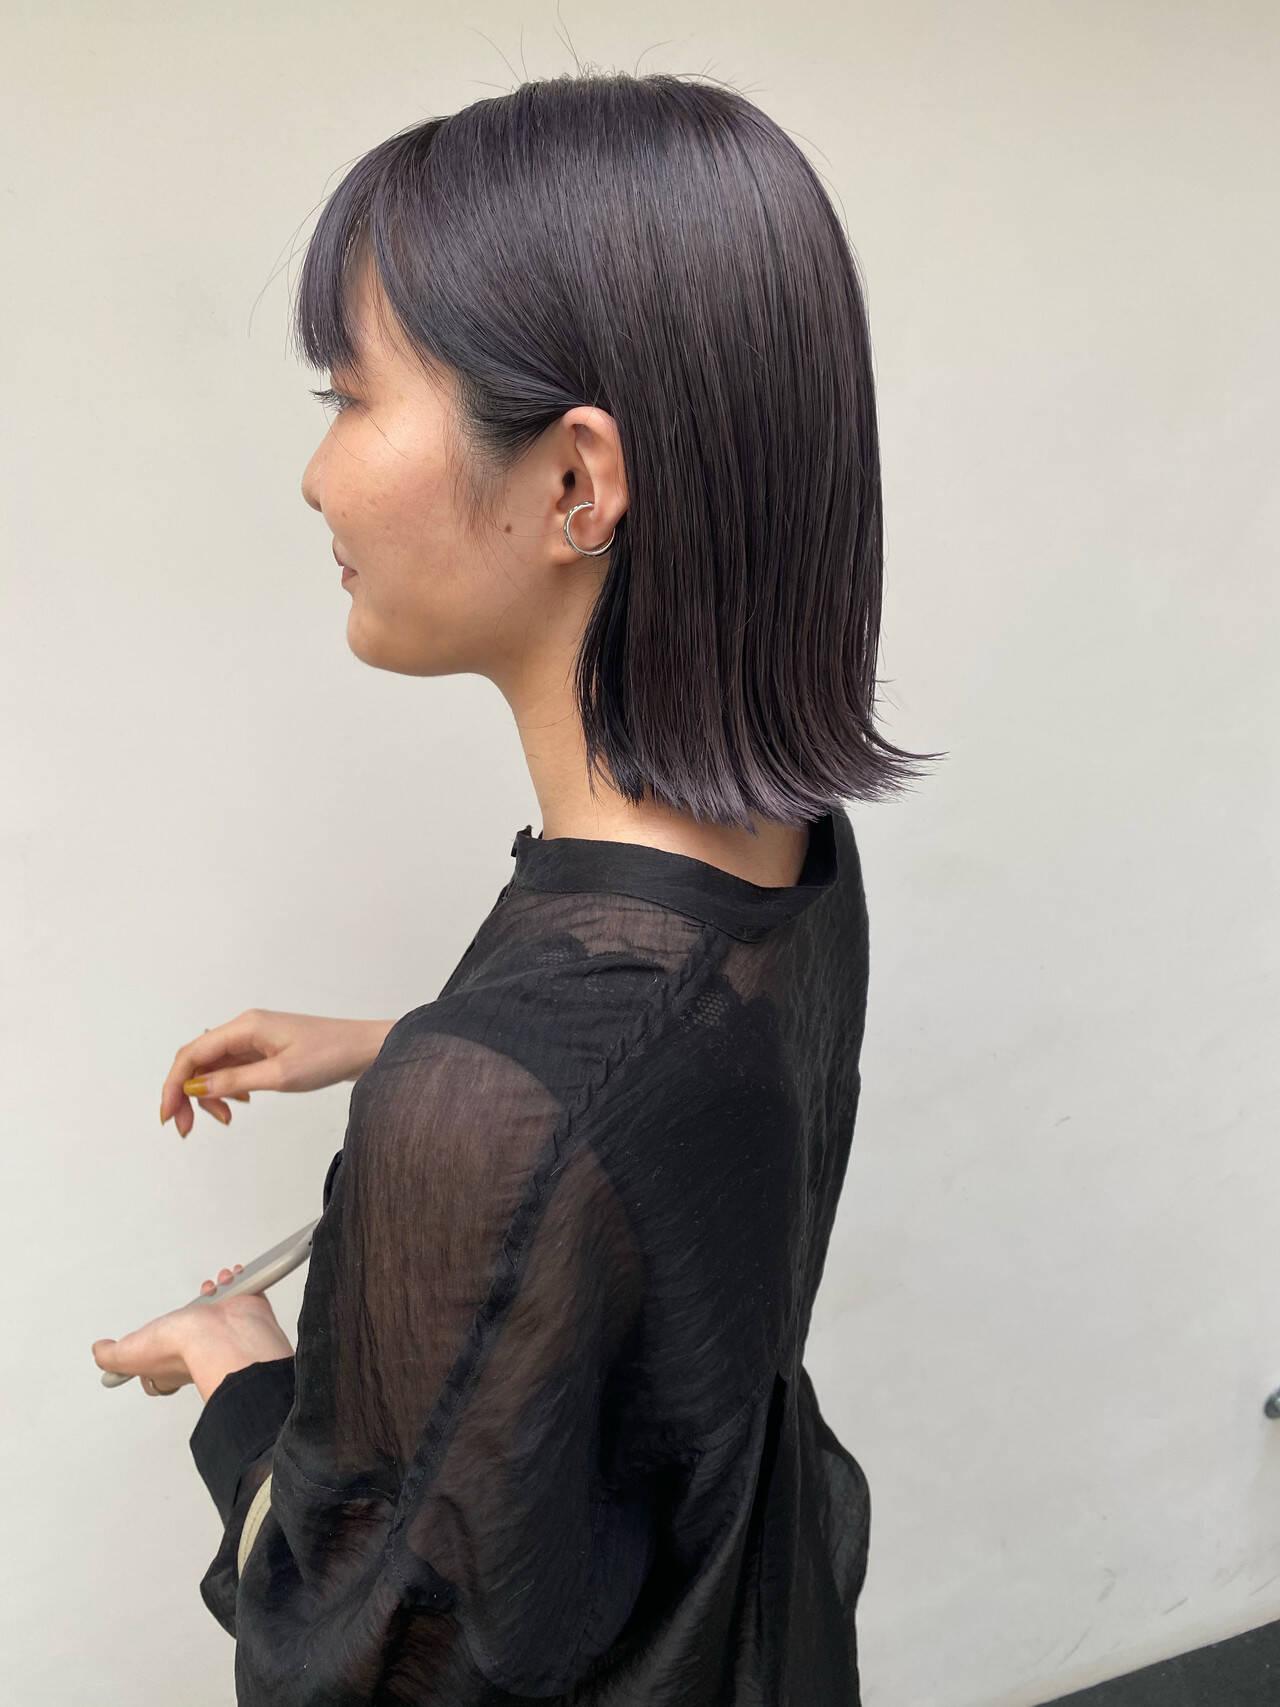 アッシュバイオレット 切りっぱなしボブ バイオレットアッシュ ミディアムヘアスタイルや髪型の写真・画像